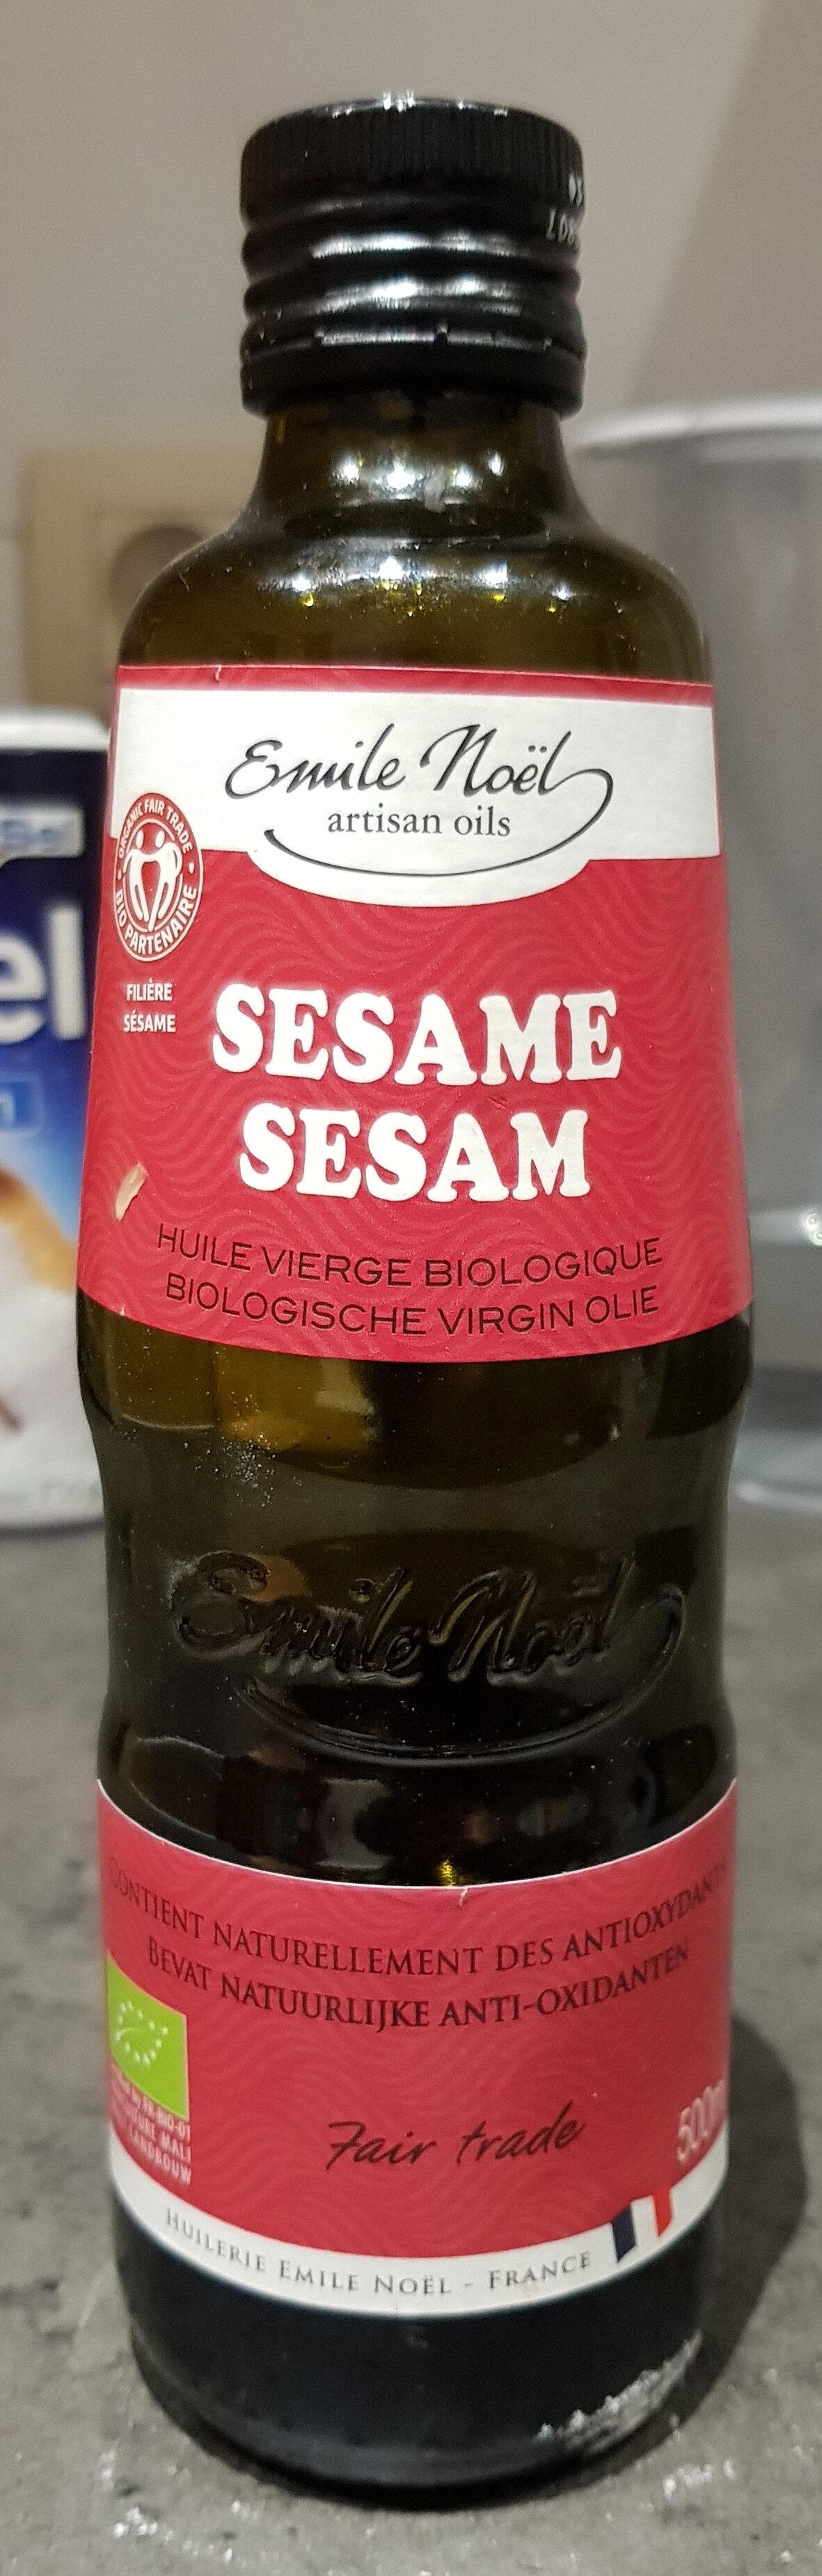 Huile vierge biologique de sésame - Produit - fr